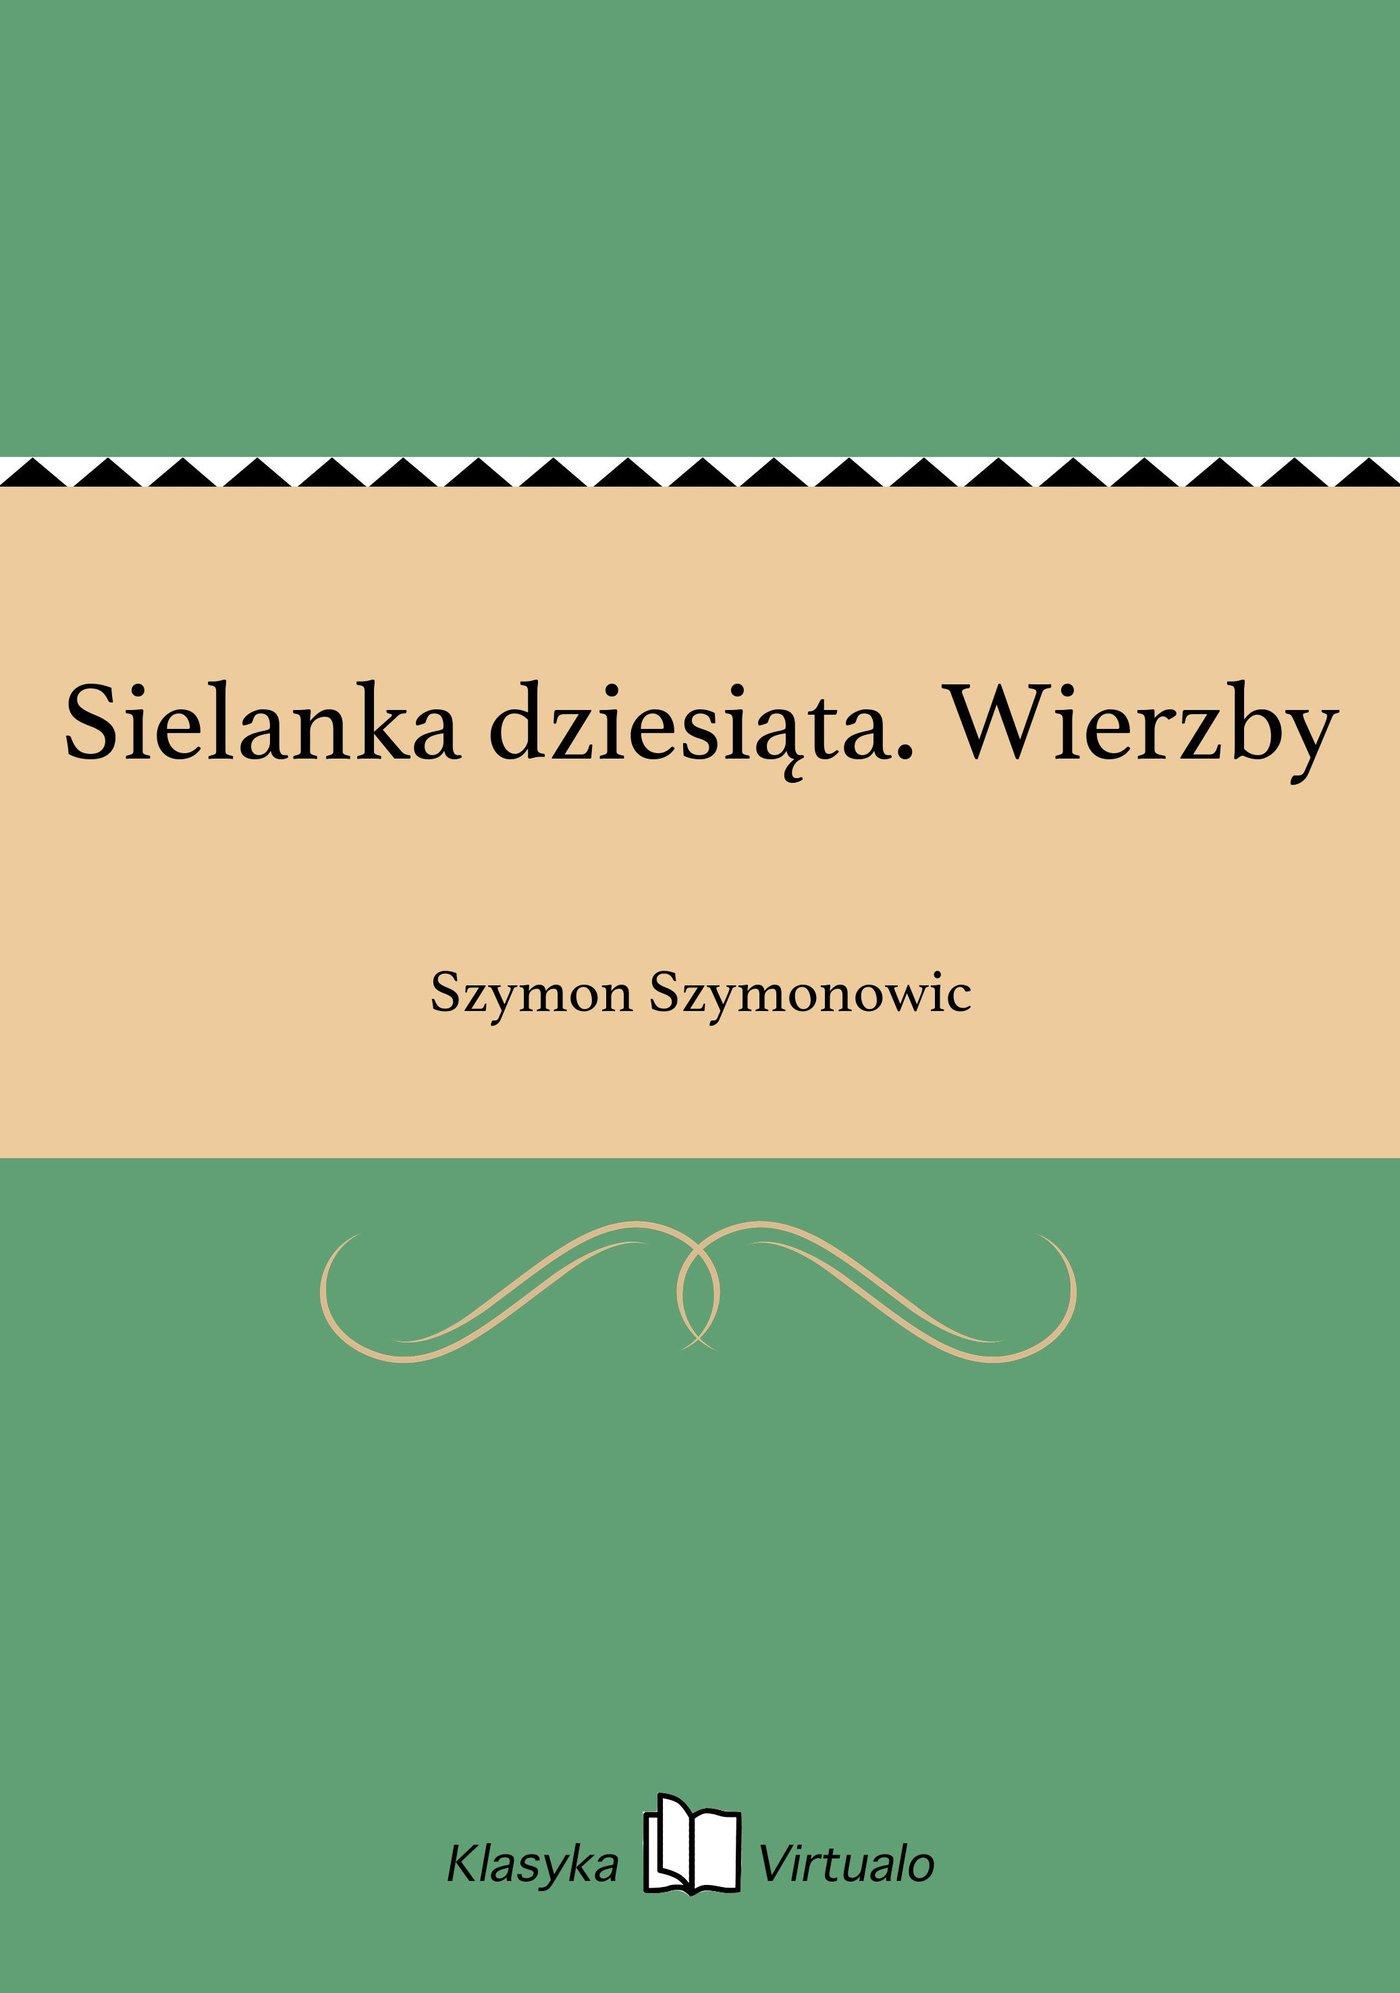 Sielanka dziesiąta. Wierzby - Ebook (Książka EPUB) do pobrania w formacie EPUB